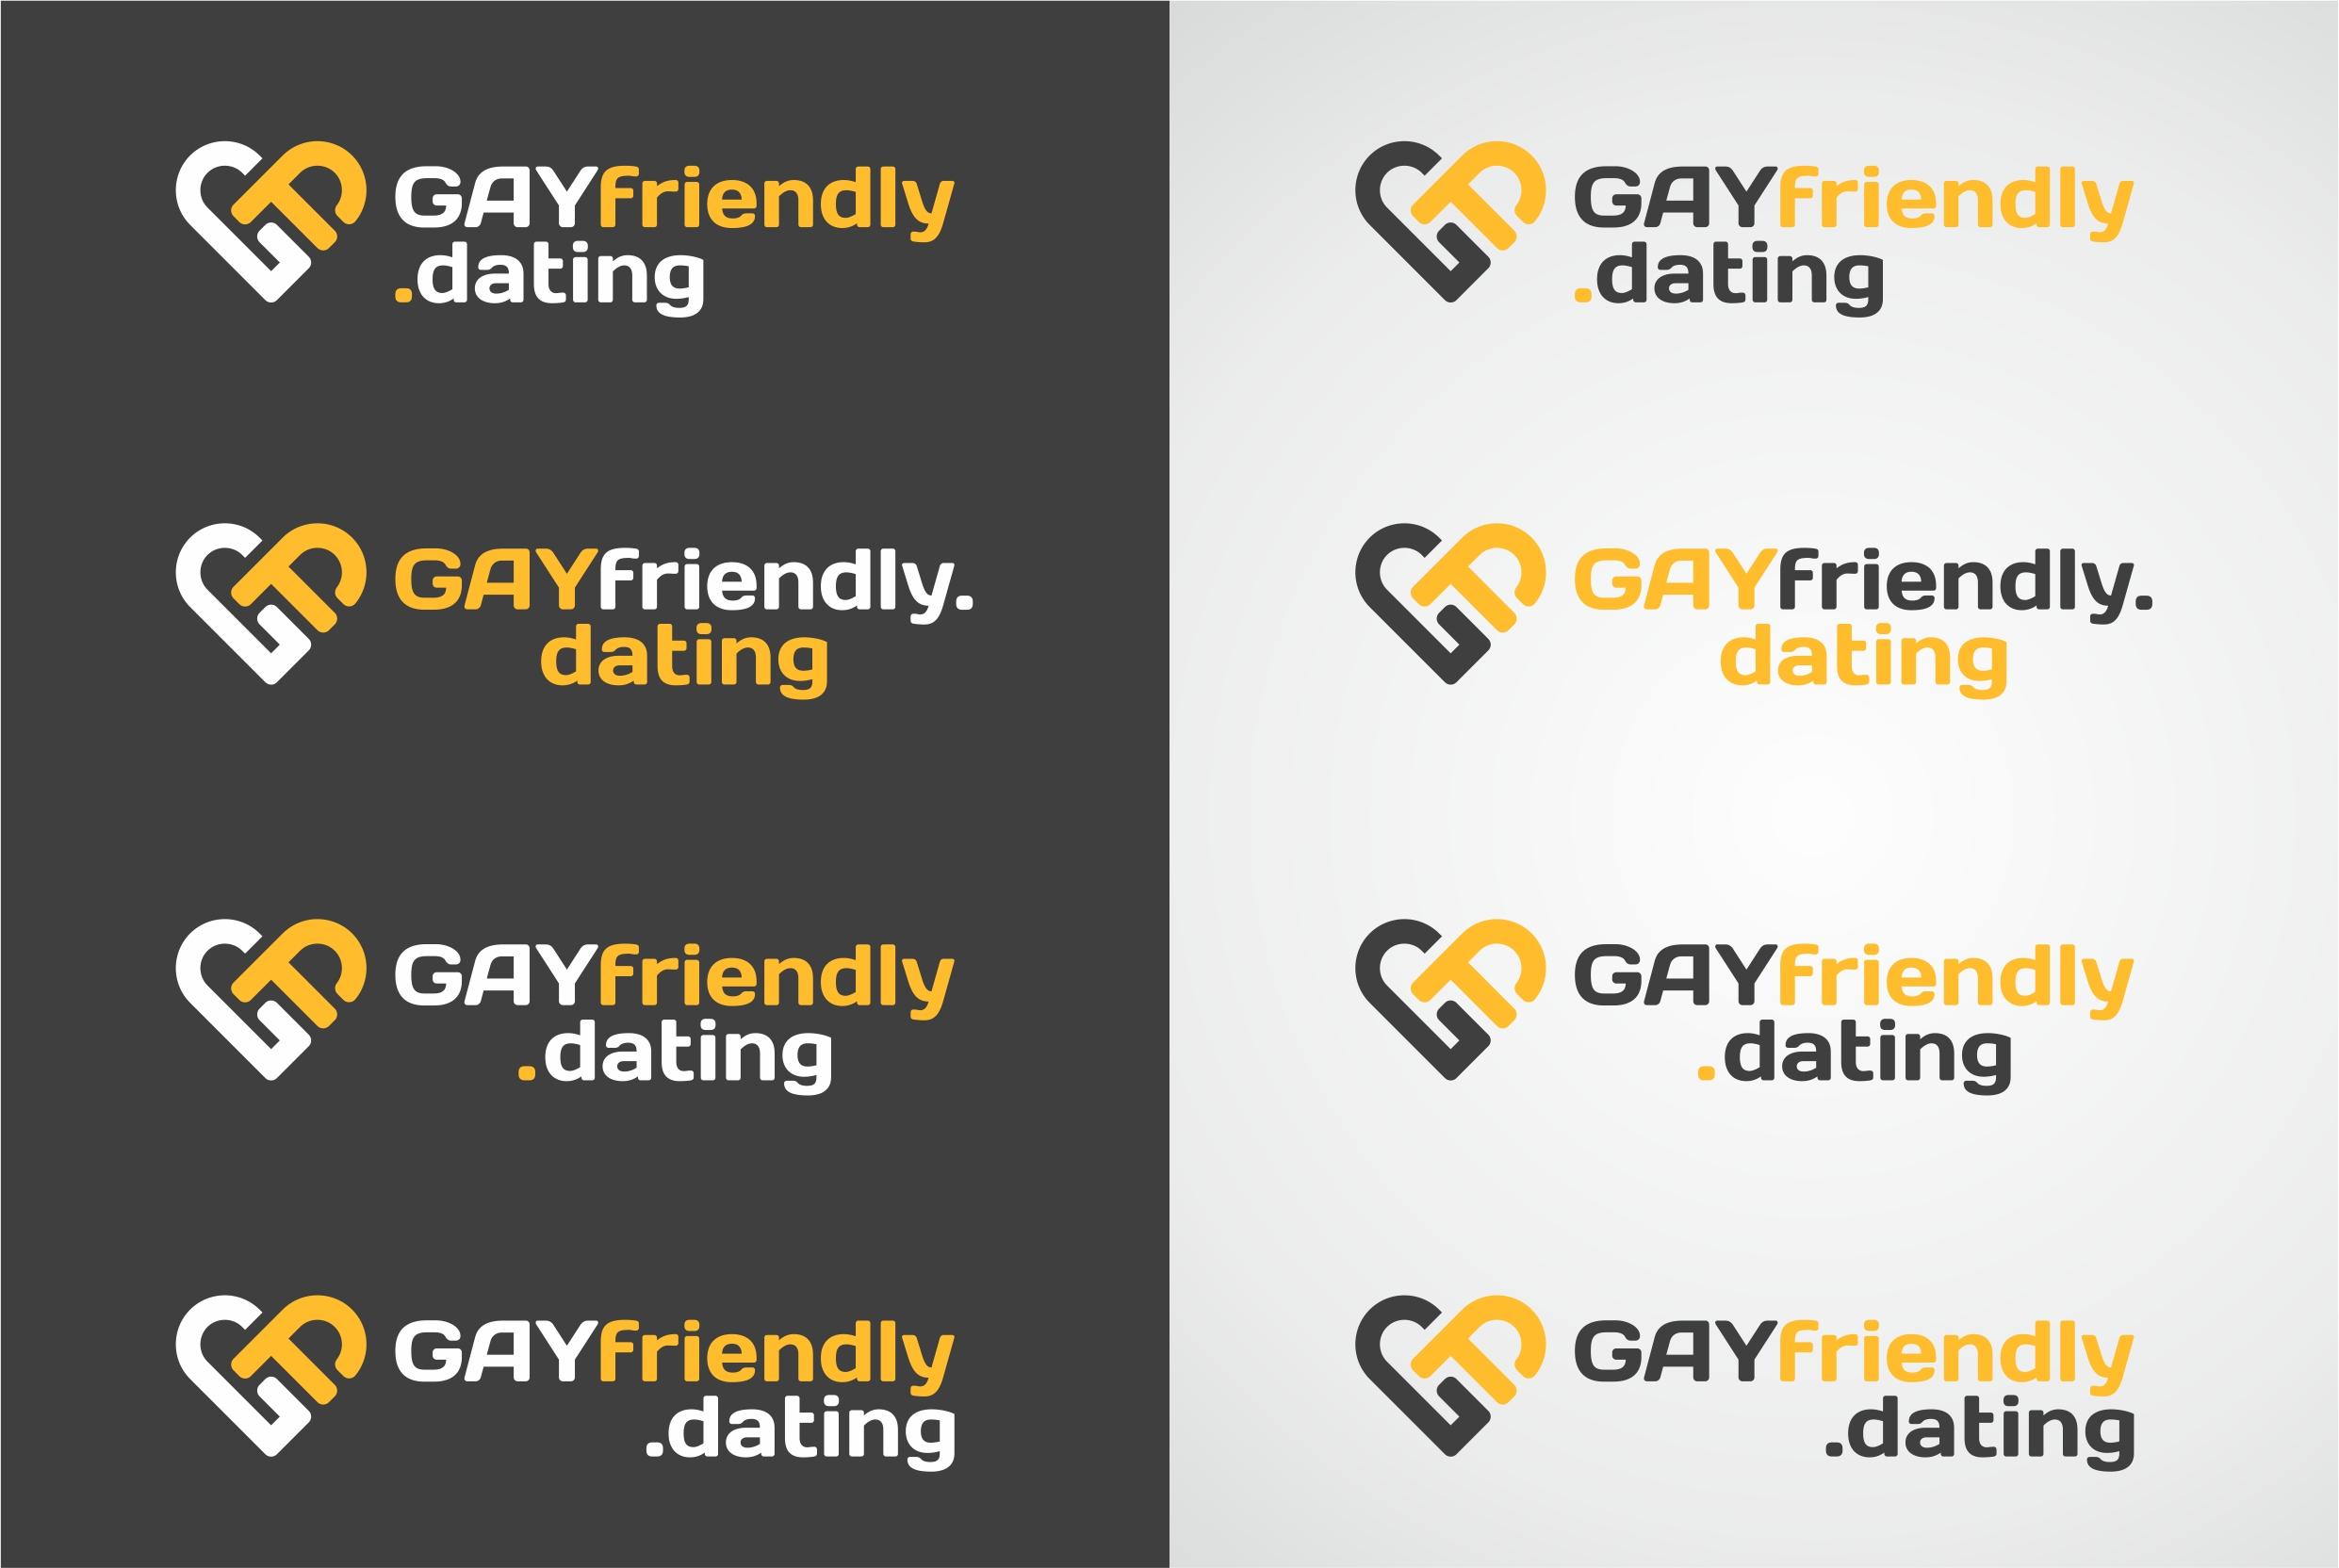 Разработать логотип для англоязычн. сайта знакомств для геев фото f_7765b439400d9495.jpg